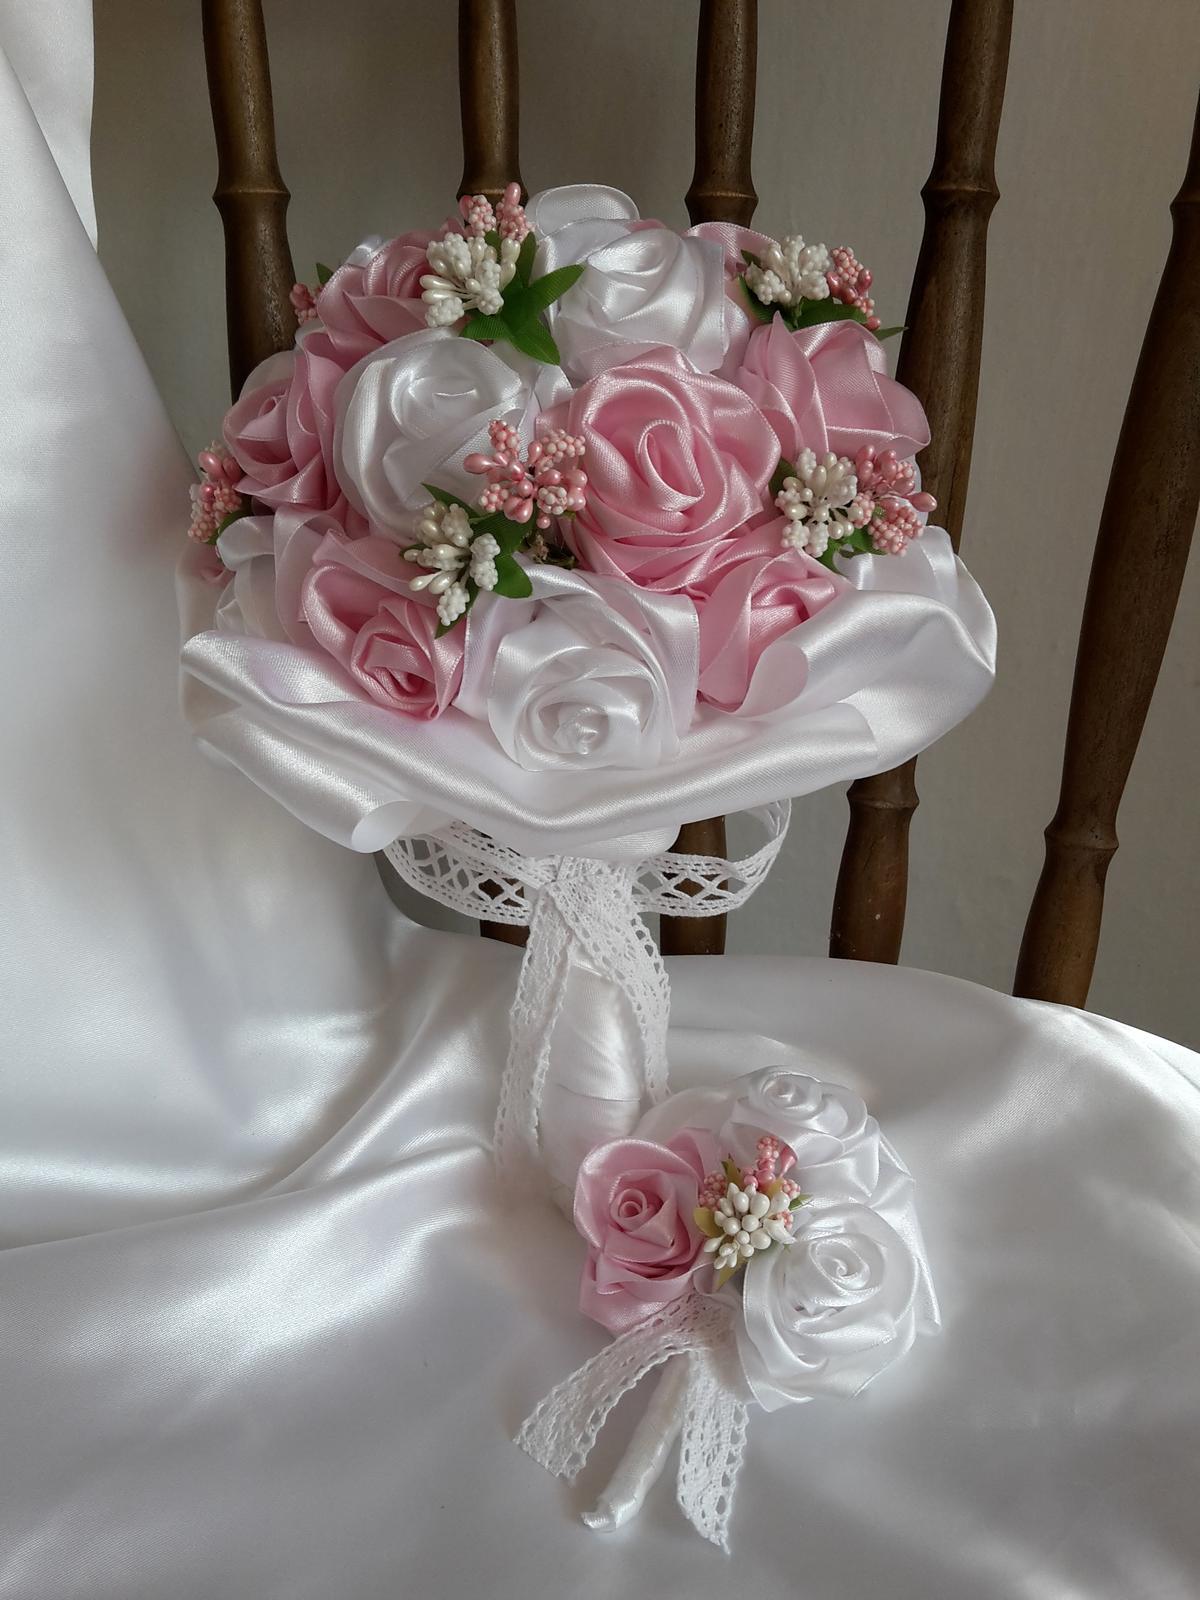 Saténové ruže-ružovo biele,pošta v cene - Obrázok č. 3